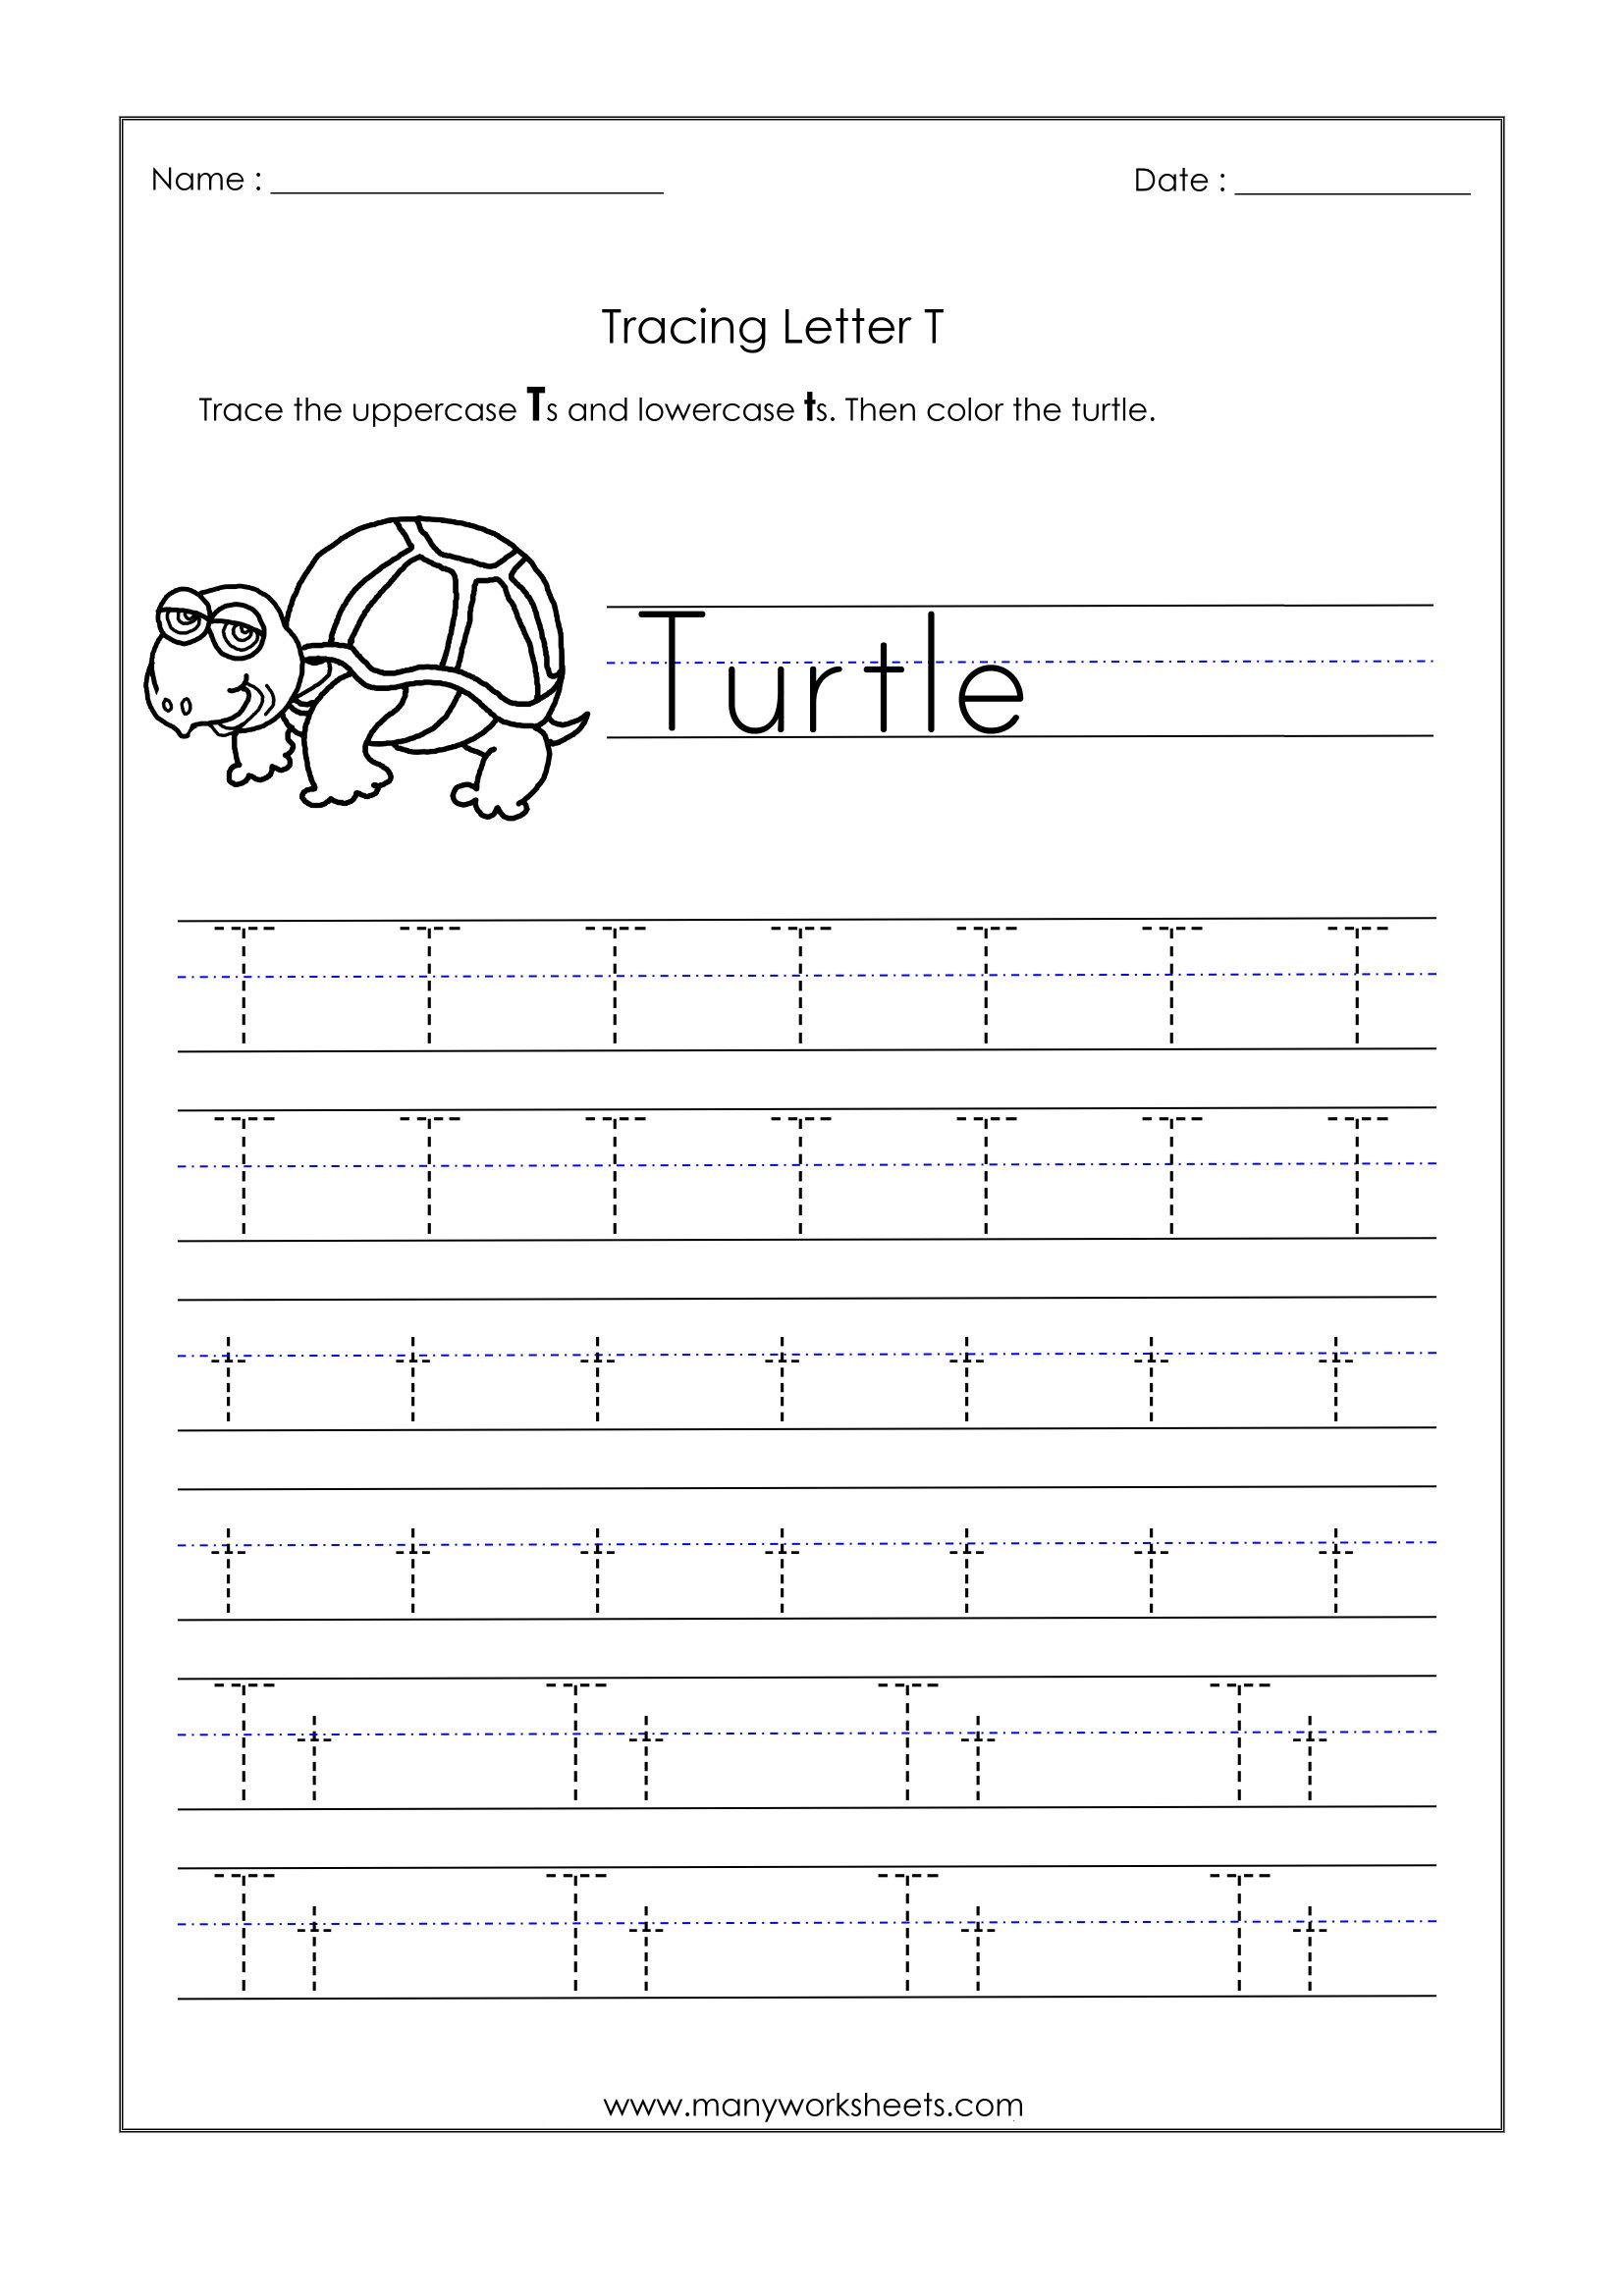 Letter T Worksheets For Kindergarten – Trace Dotted Letters throughout Letter T Worksheets Free